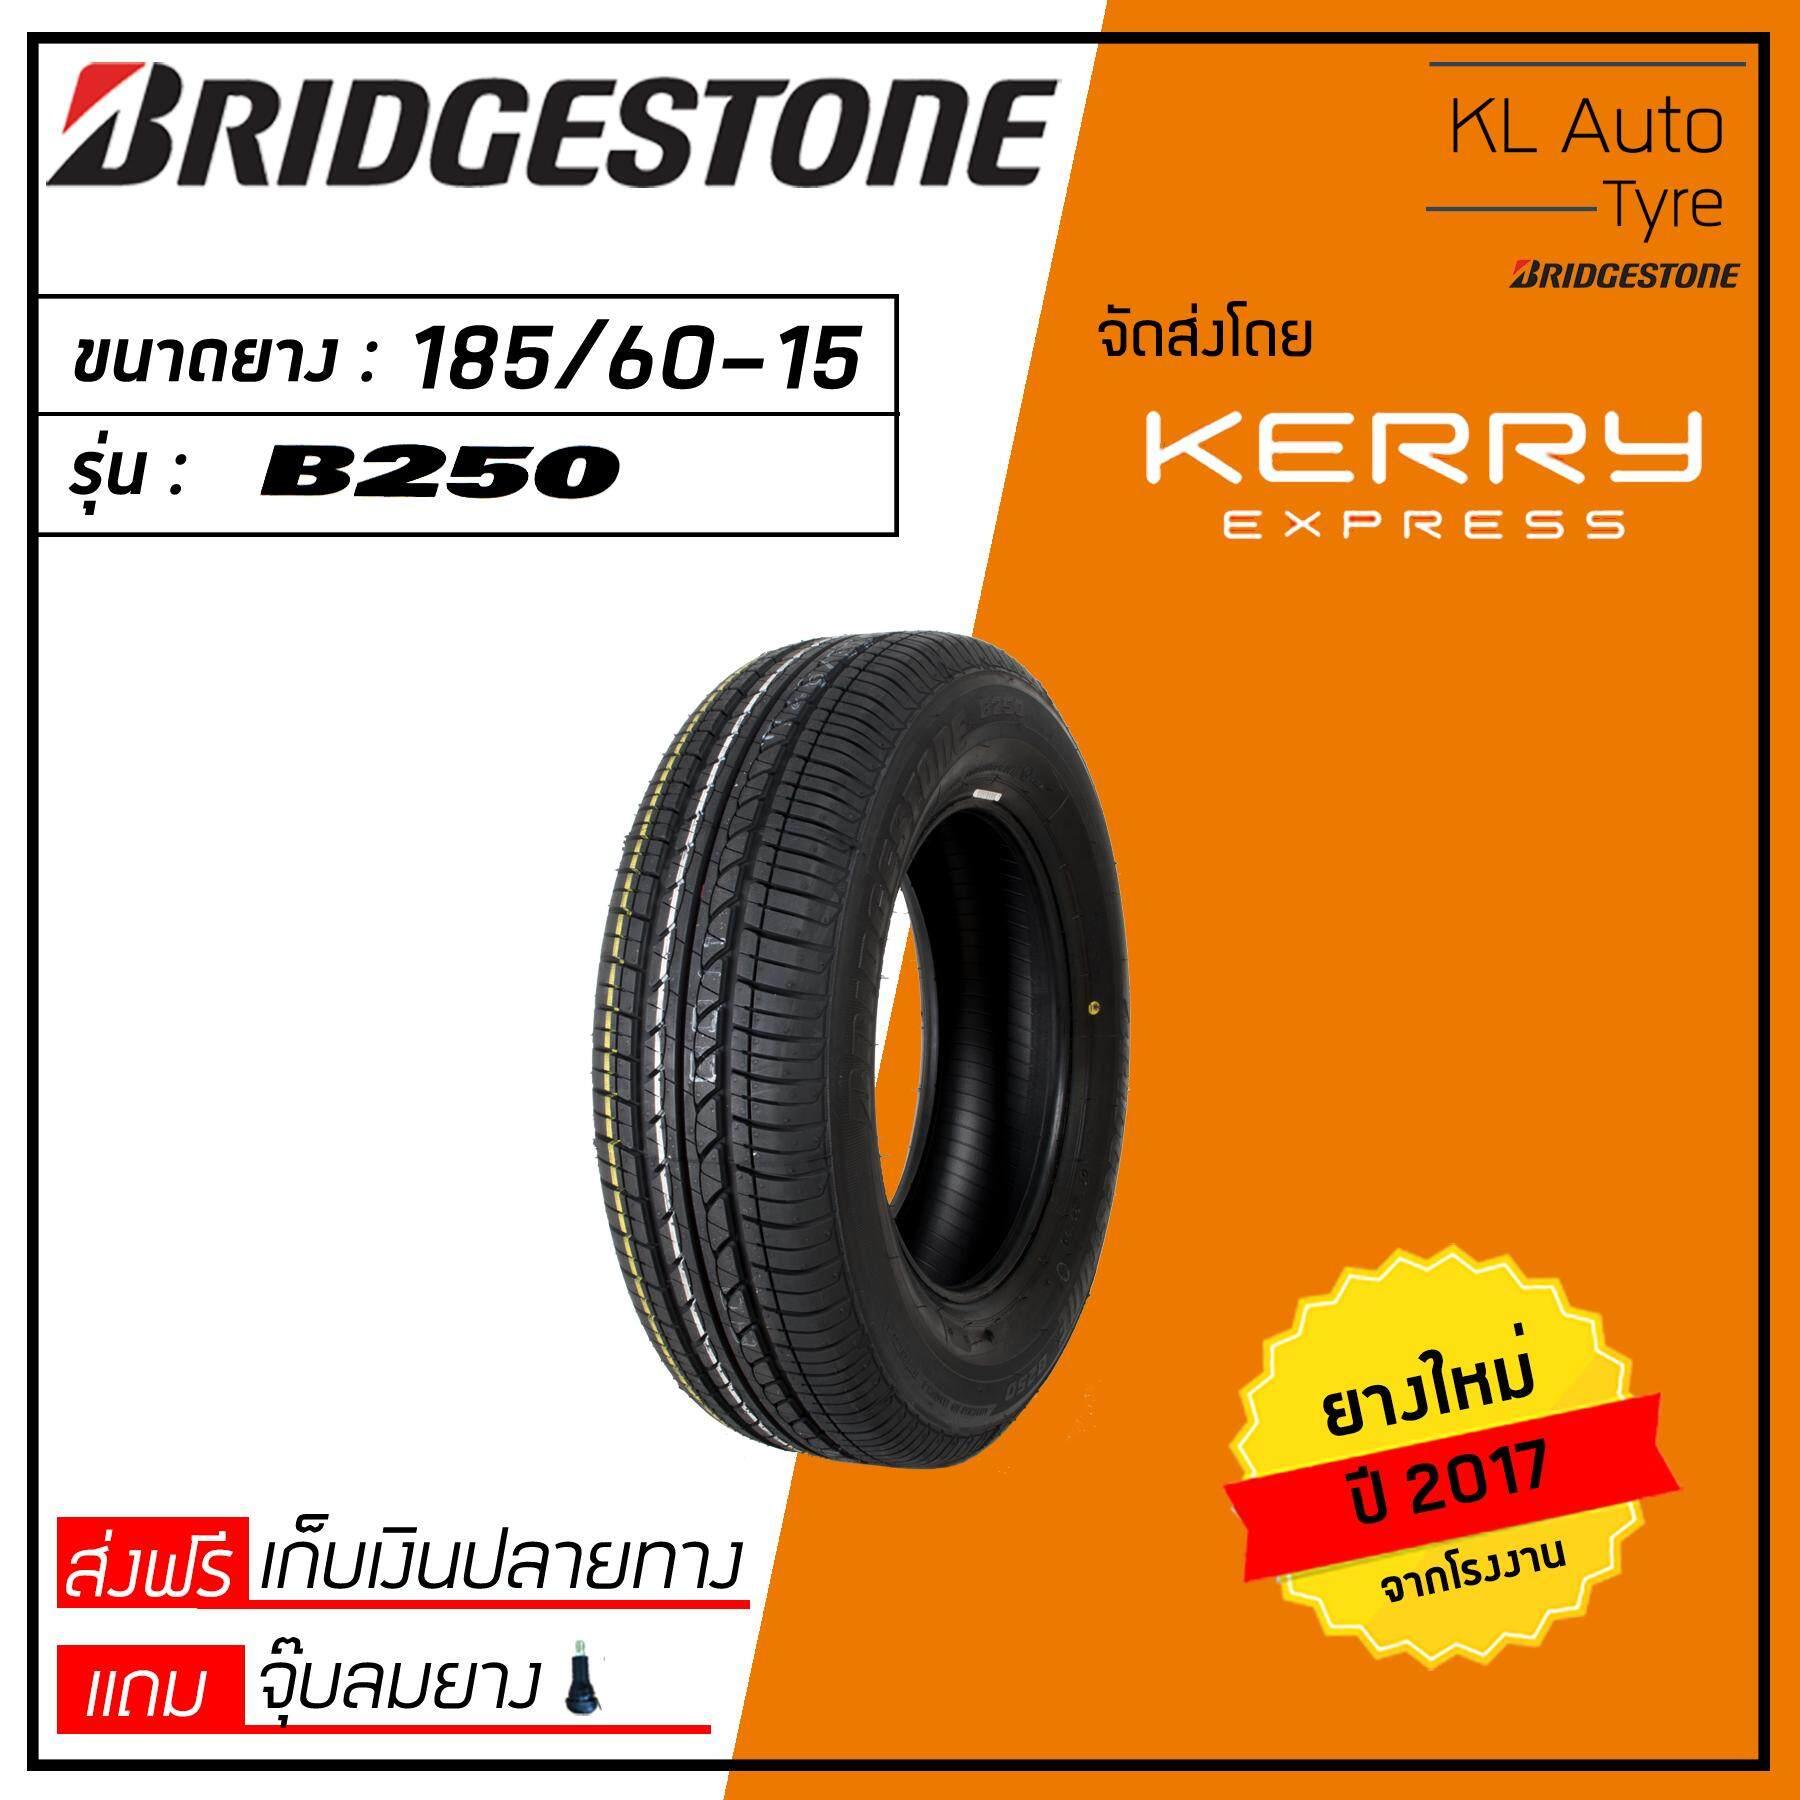 ประกันภัย รถยนต์ 3 พลัส ราคา ถูก ตรัง Bridgestone 185/60-15 B250 1 เส้น ปี 17 (ฟรี จุ๊บยาง 1 ตัว มูลค่า 50 บาท)